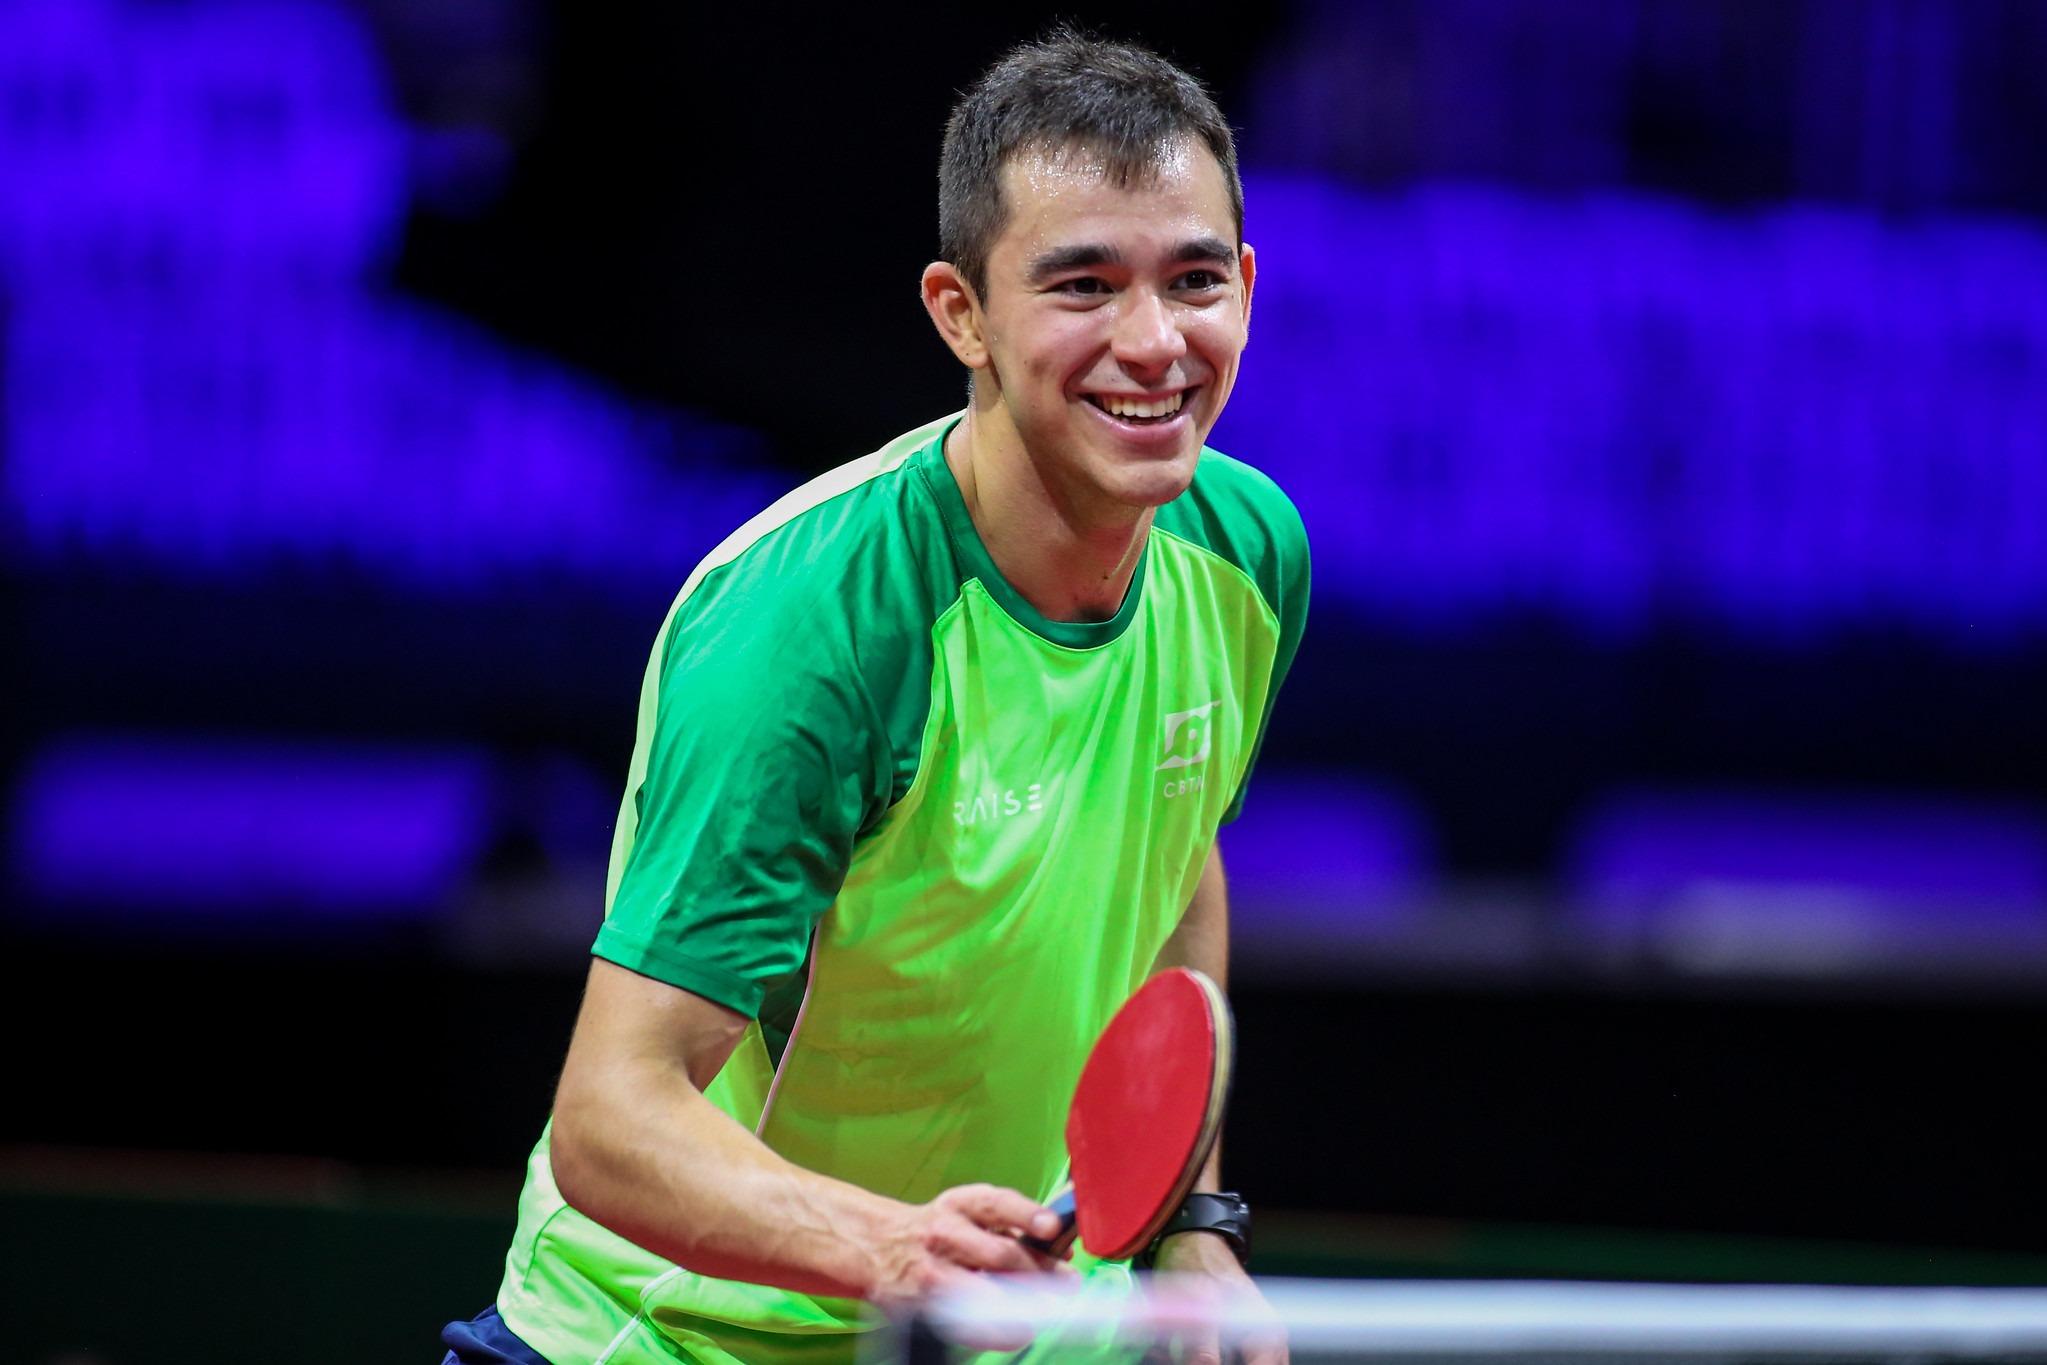 Hugo Calderano triunfa em estreia e avança à fase de 32